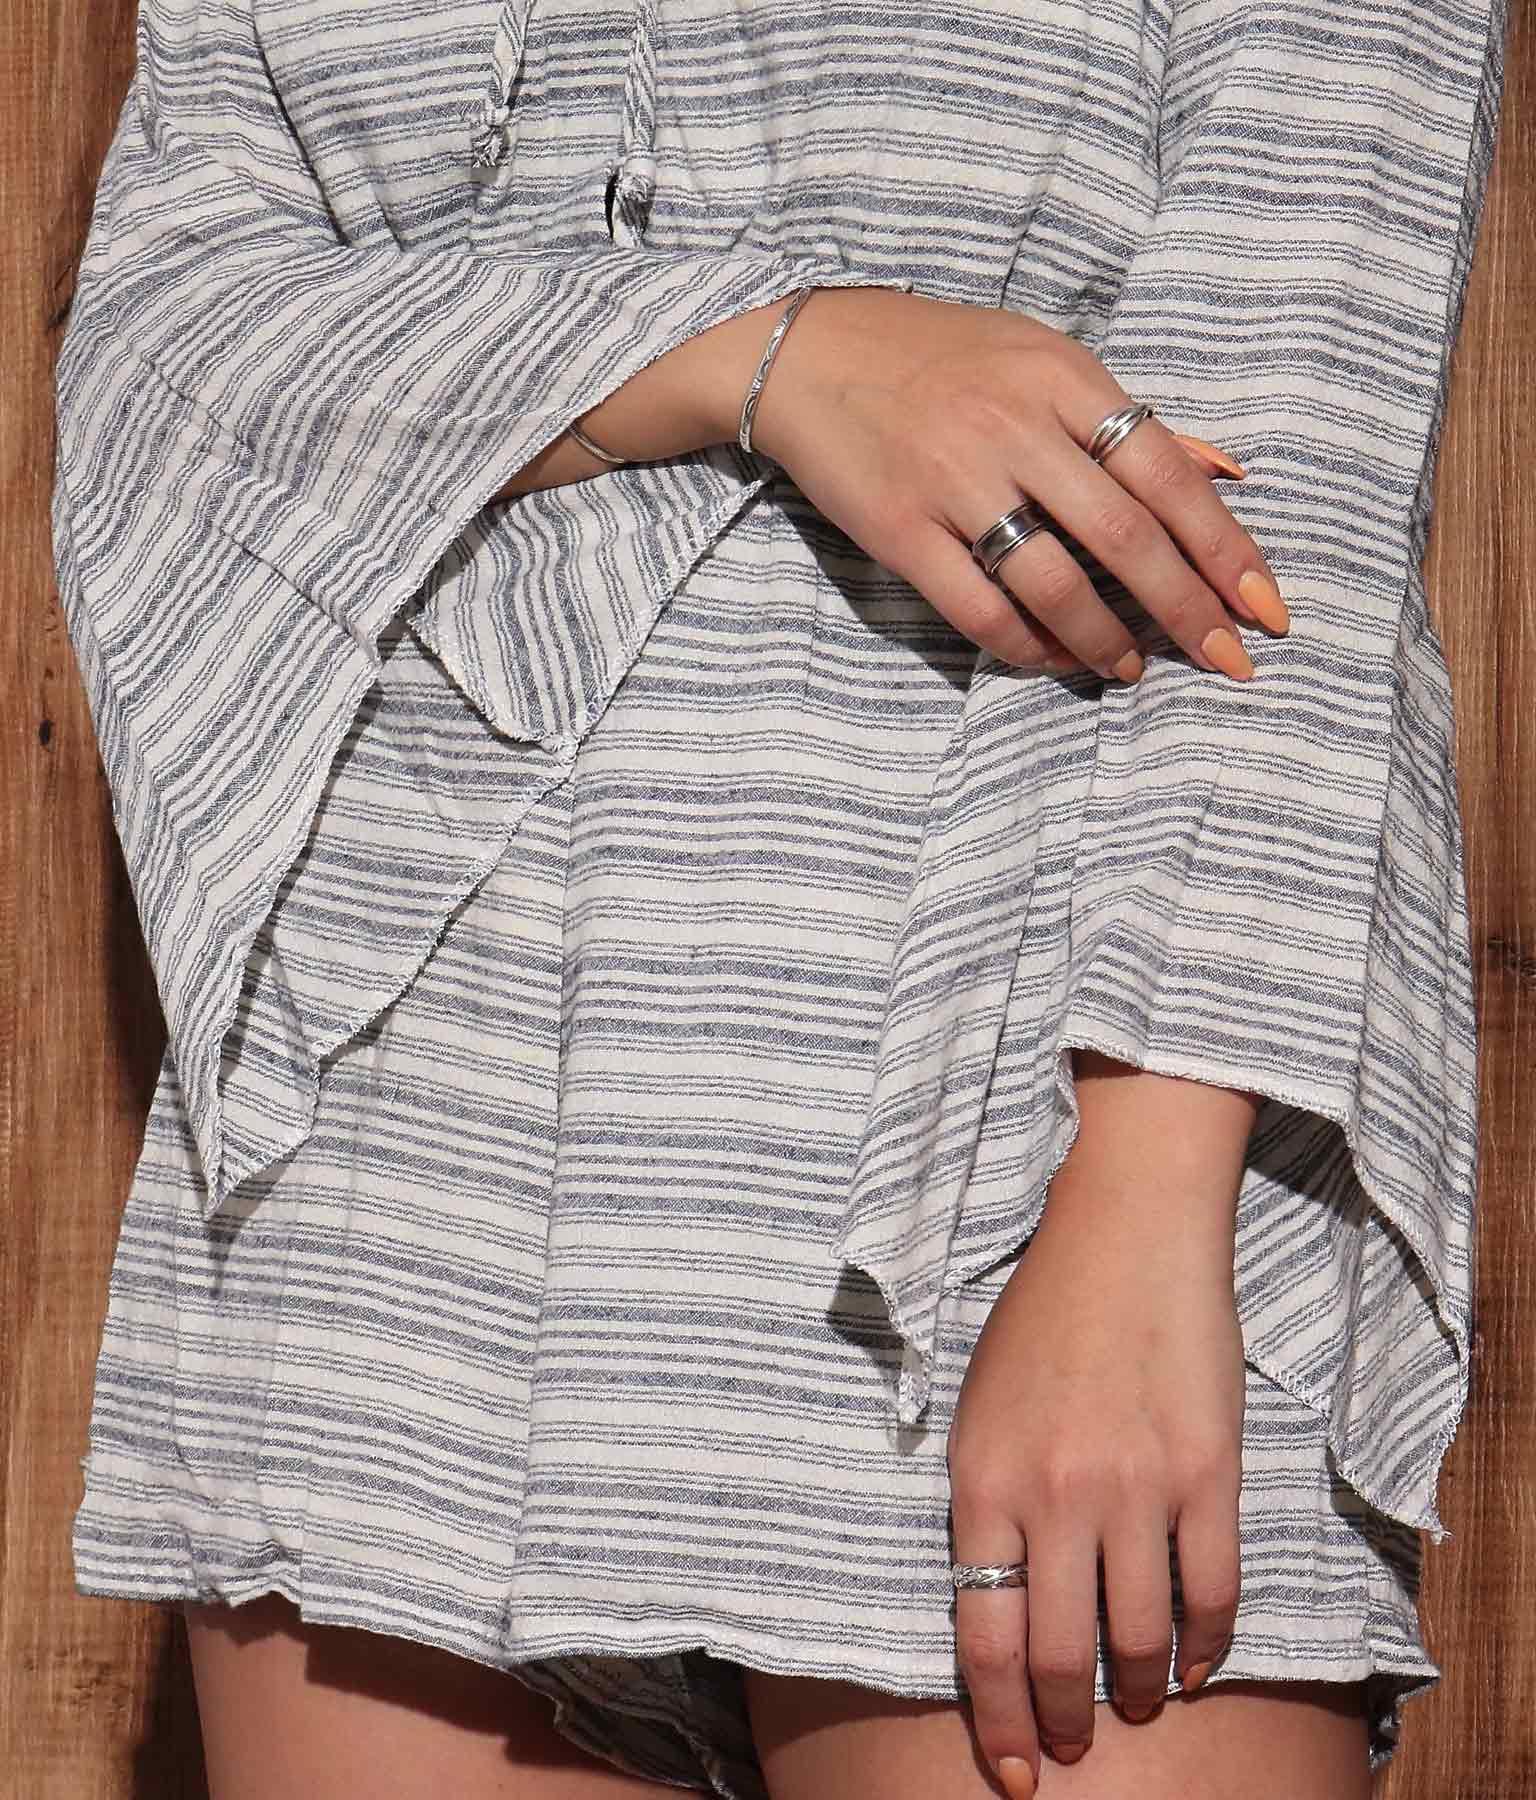 フレアスリーブロンパース(ワンピース・ドレス/サロペット/オールインワン) | anap mimpi